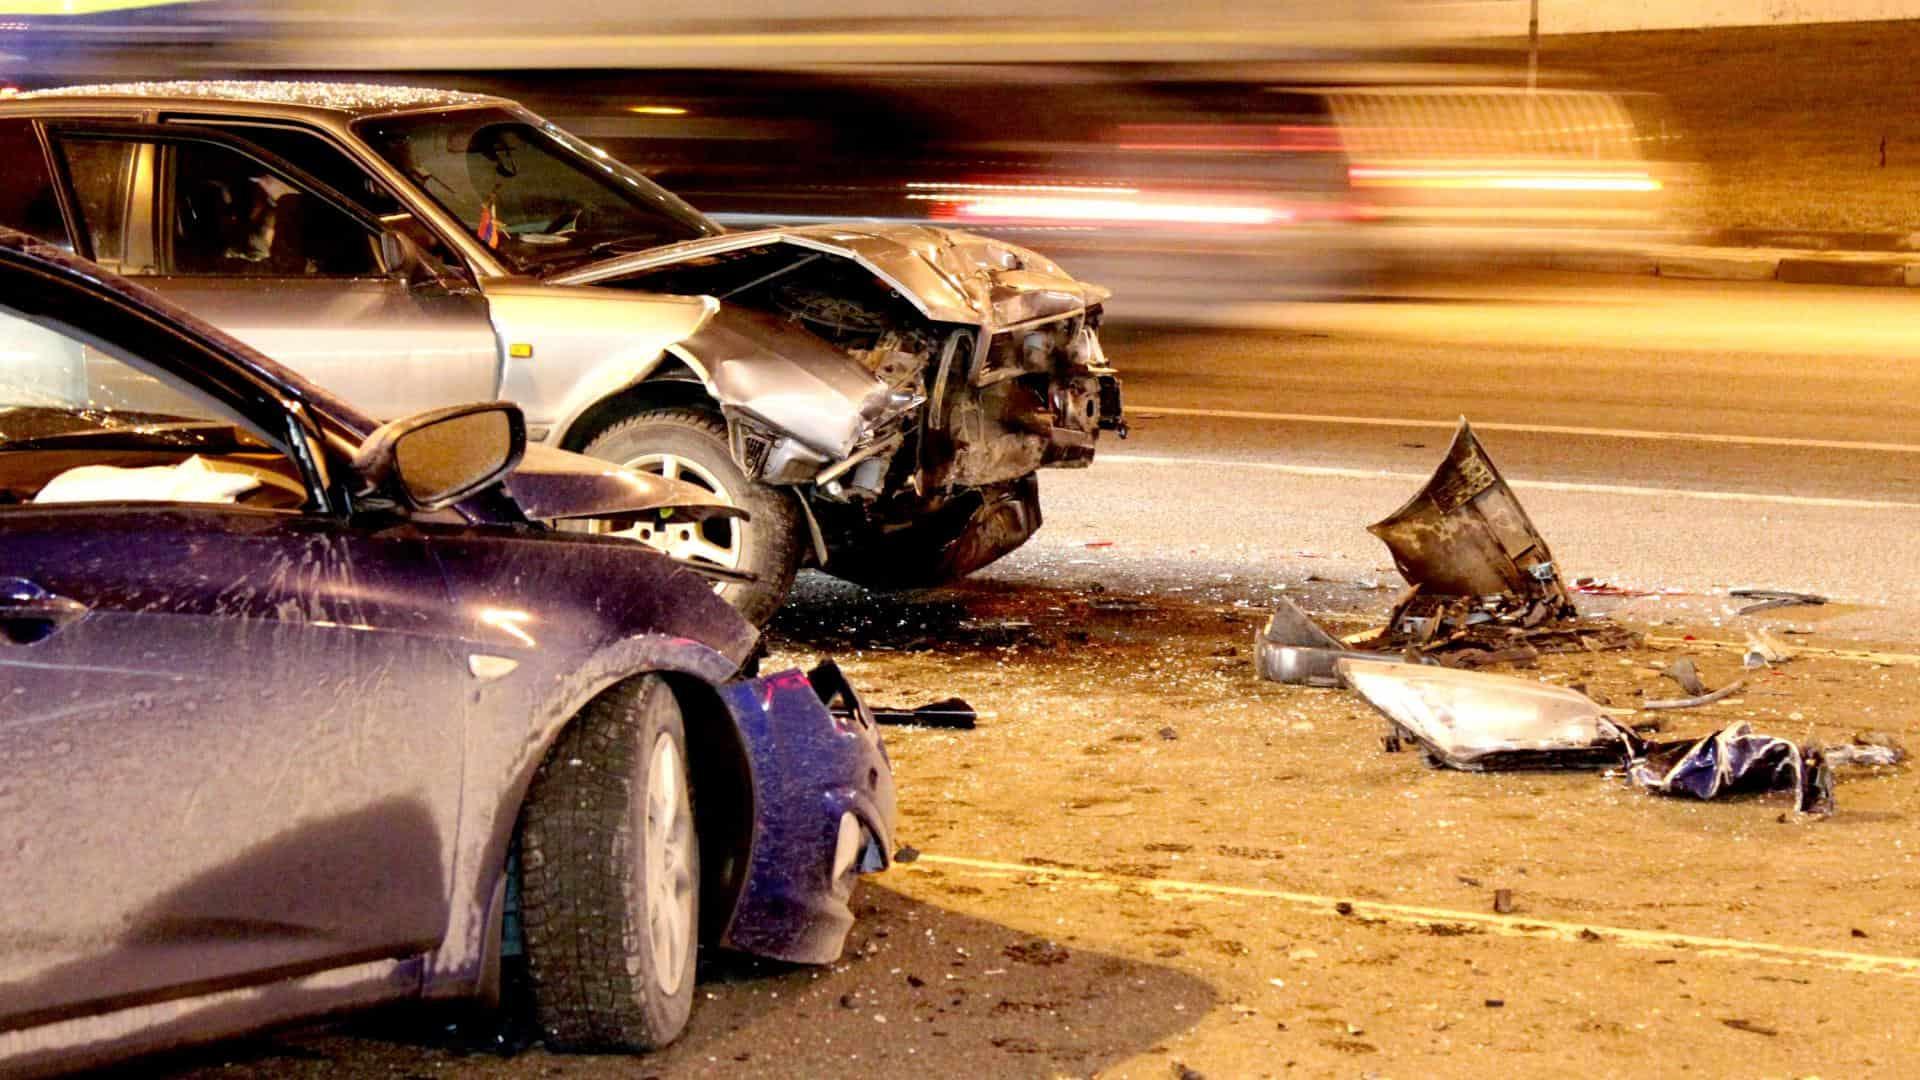 Dvi sudauzytos masinos po autoįvykio kelyje